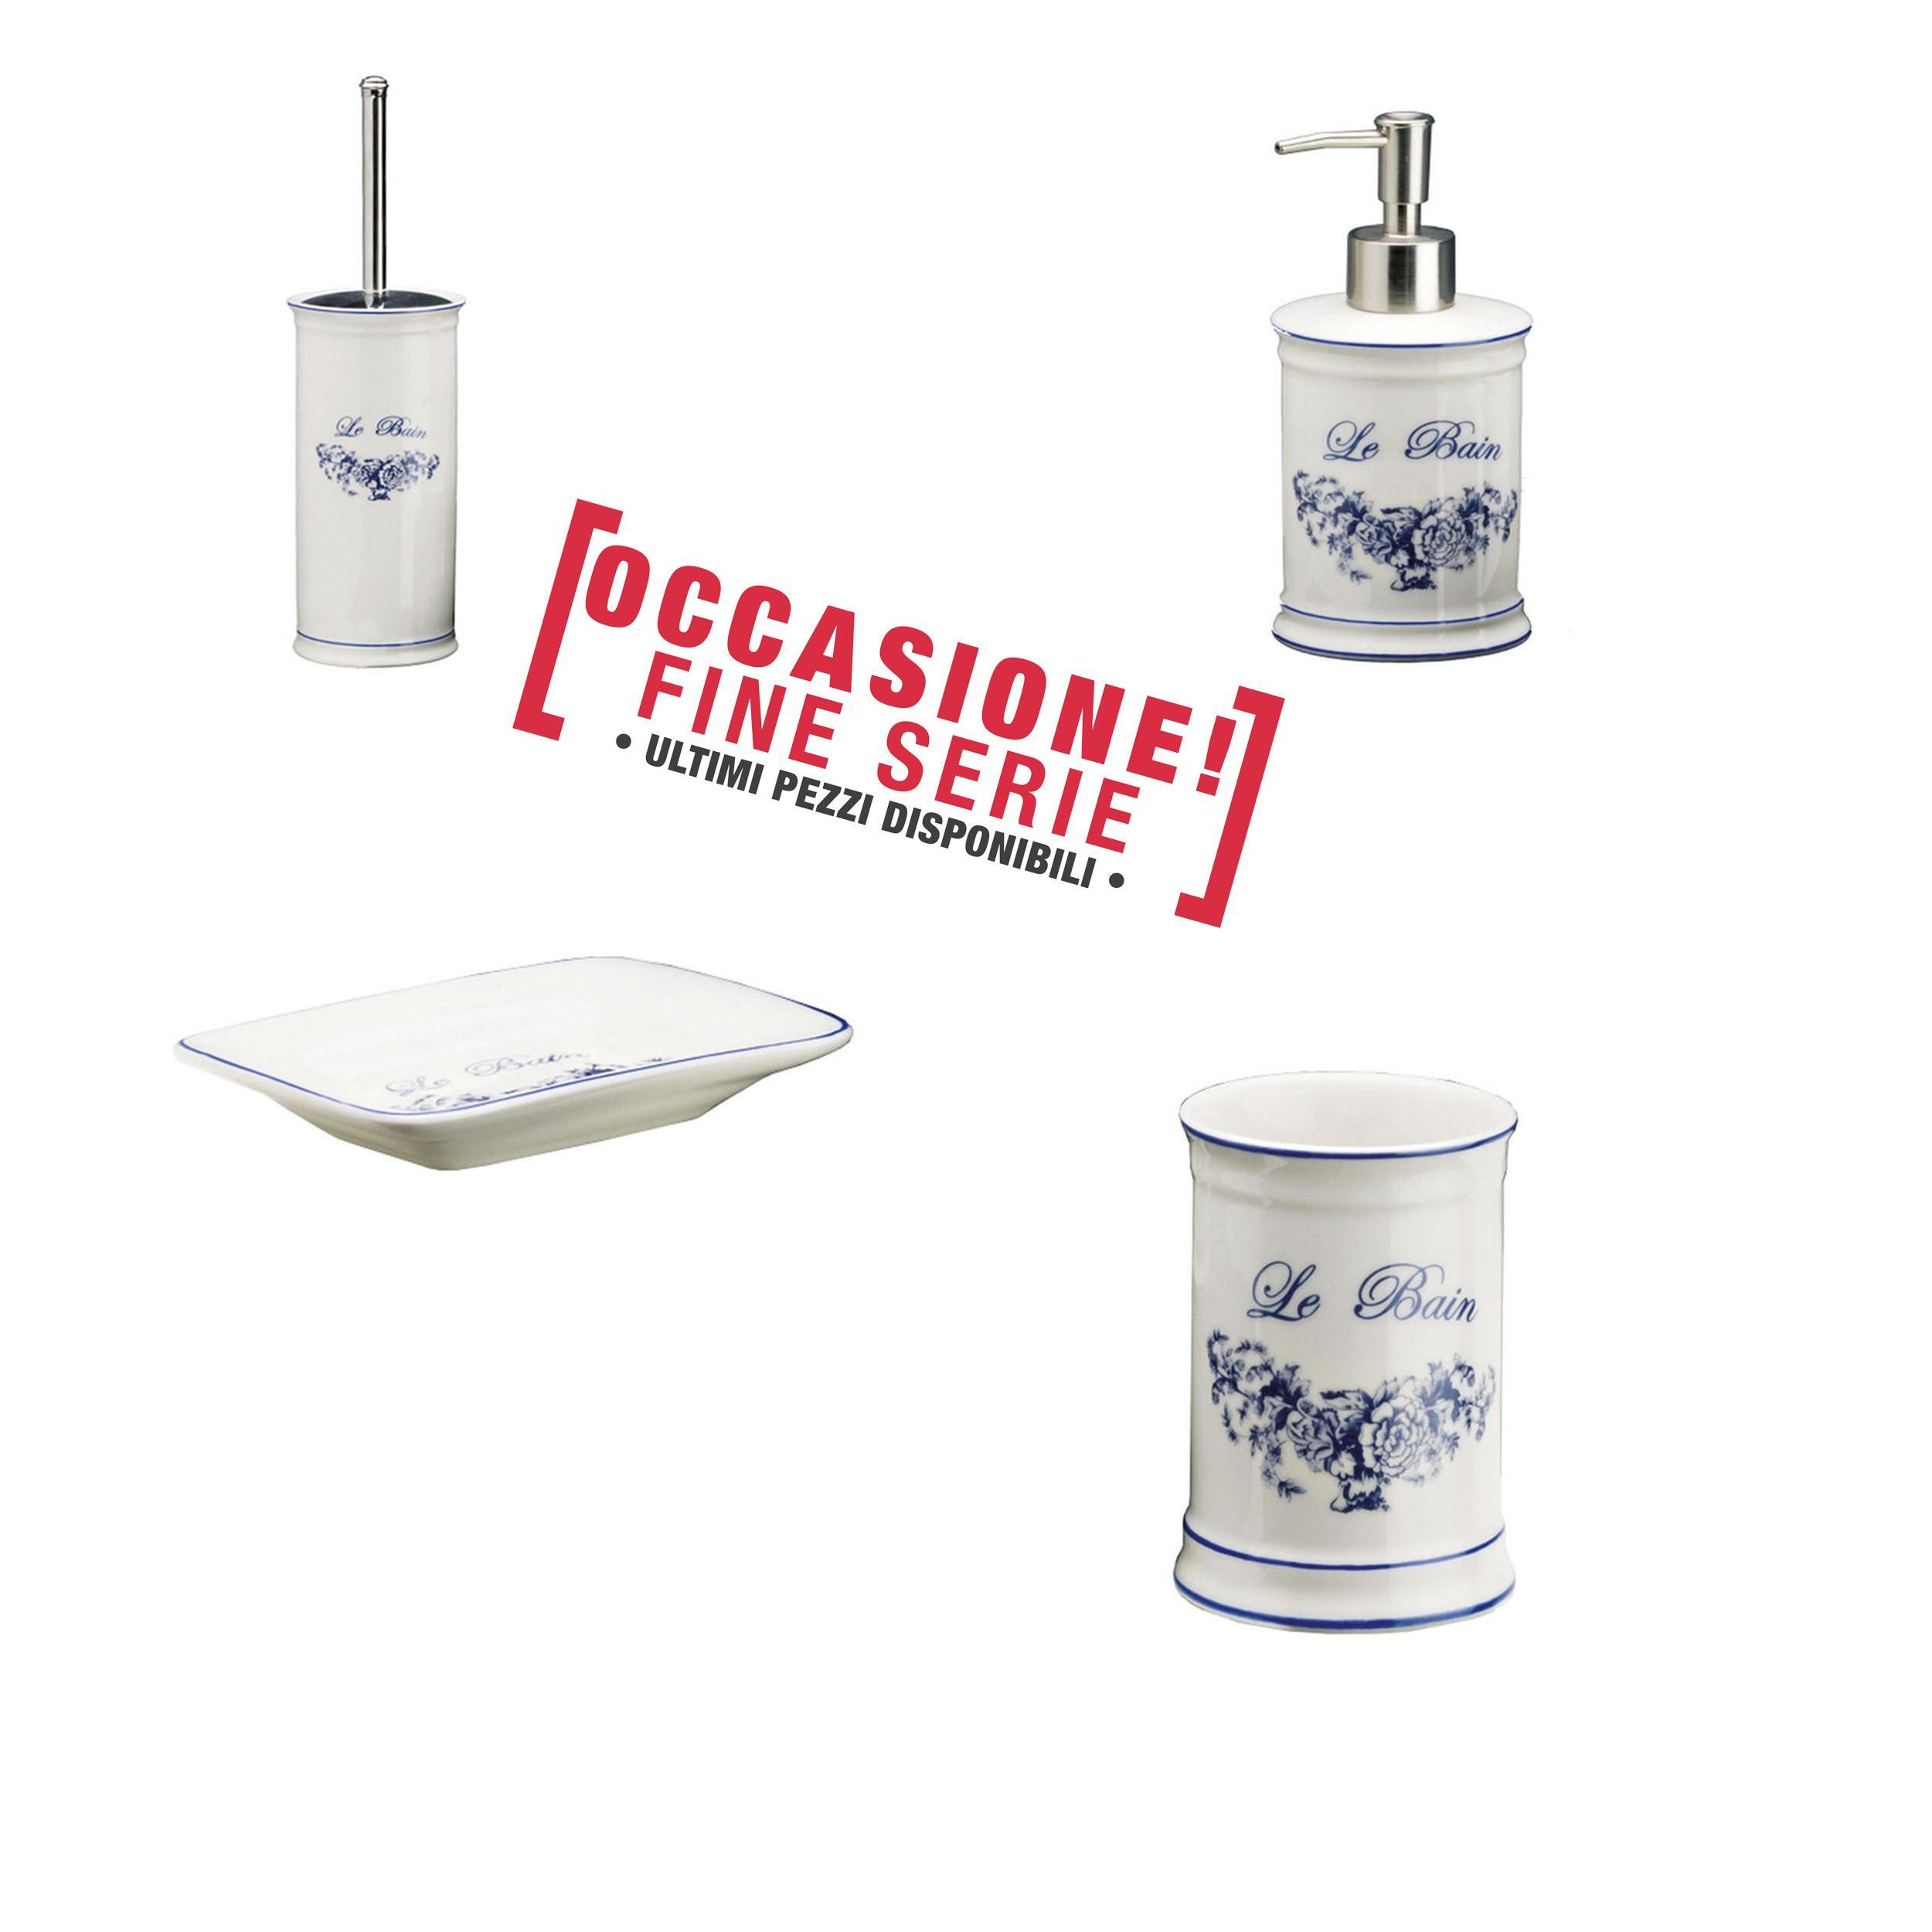 Portasapone Bagno In Ceramica.Set Da Bagno 4 Pezzi In Ceramica Provenza Portasapone Bicchiere Dispenser E Portascopino Ibb Spa